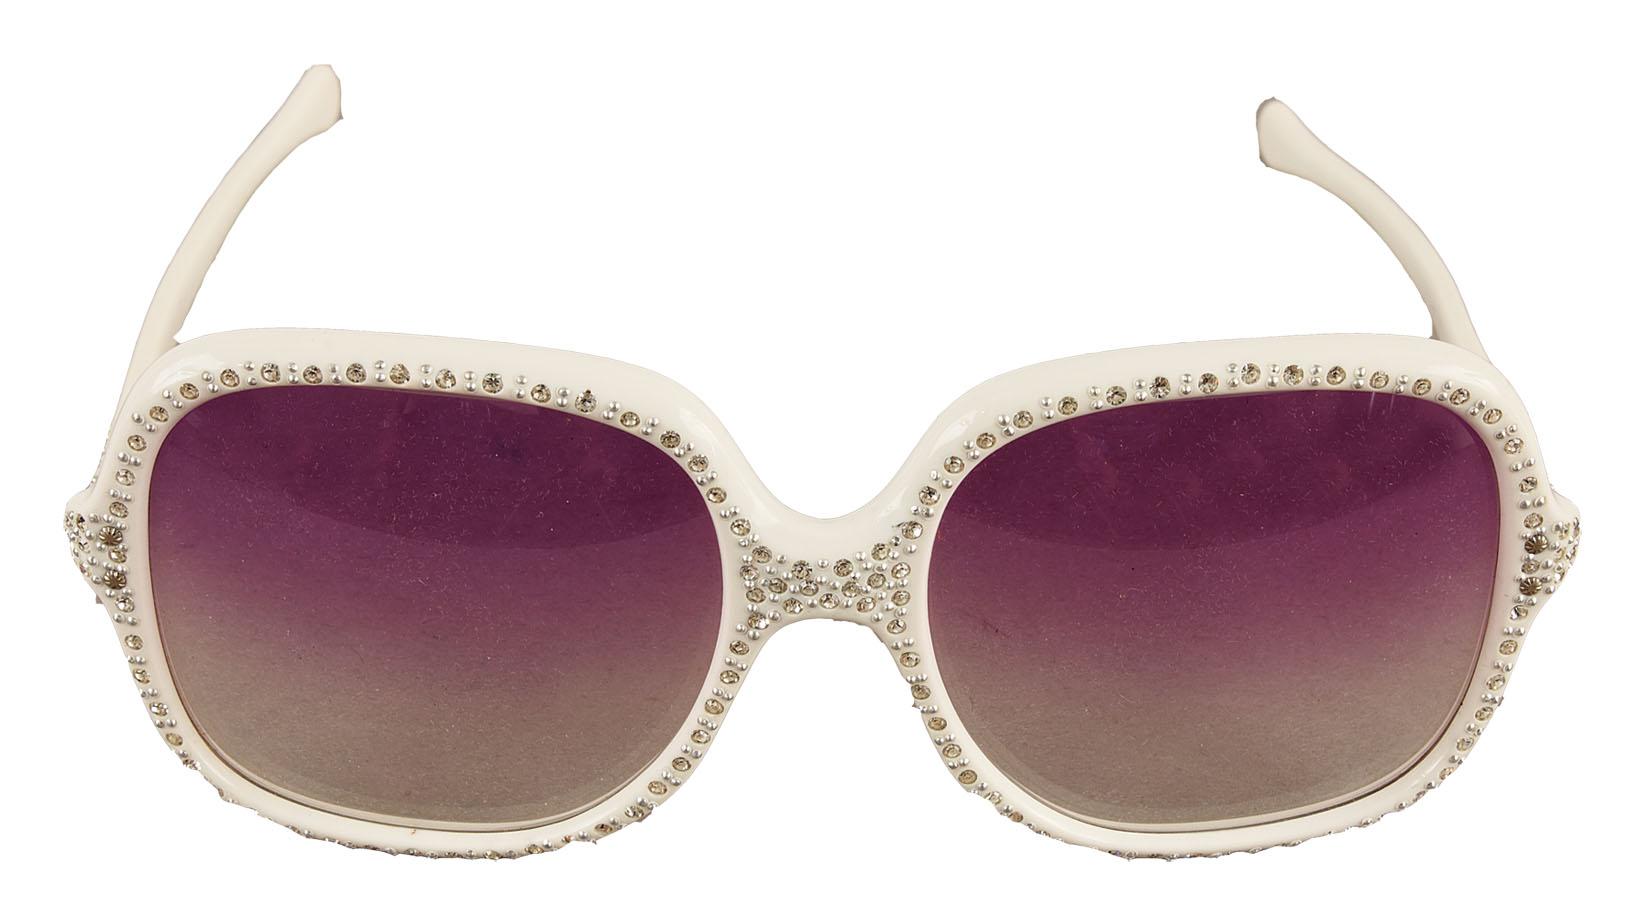 Image result for elton john glasses